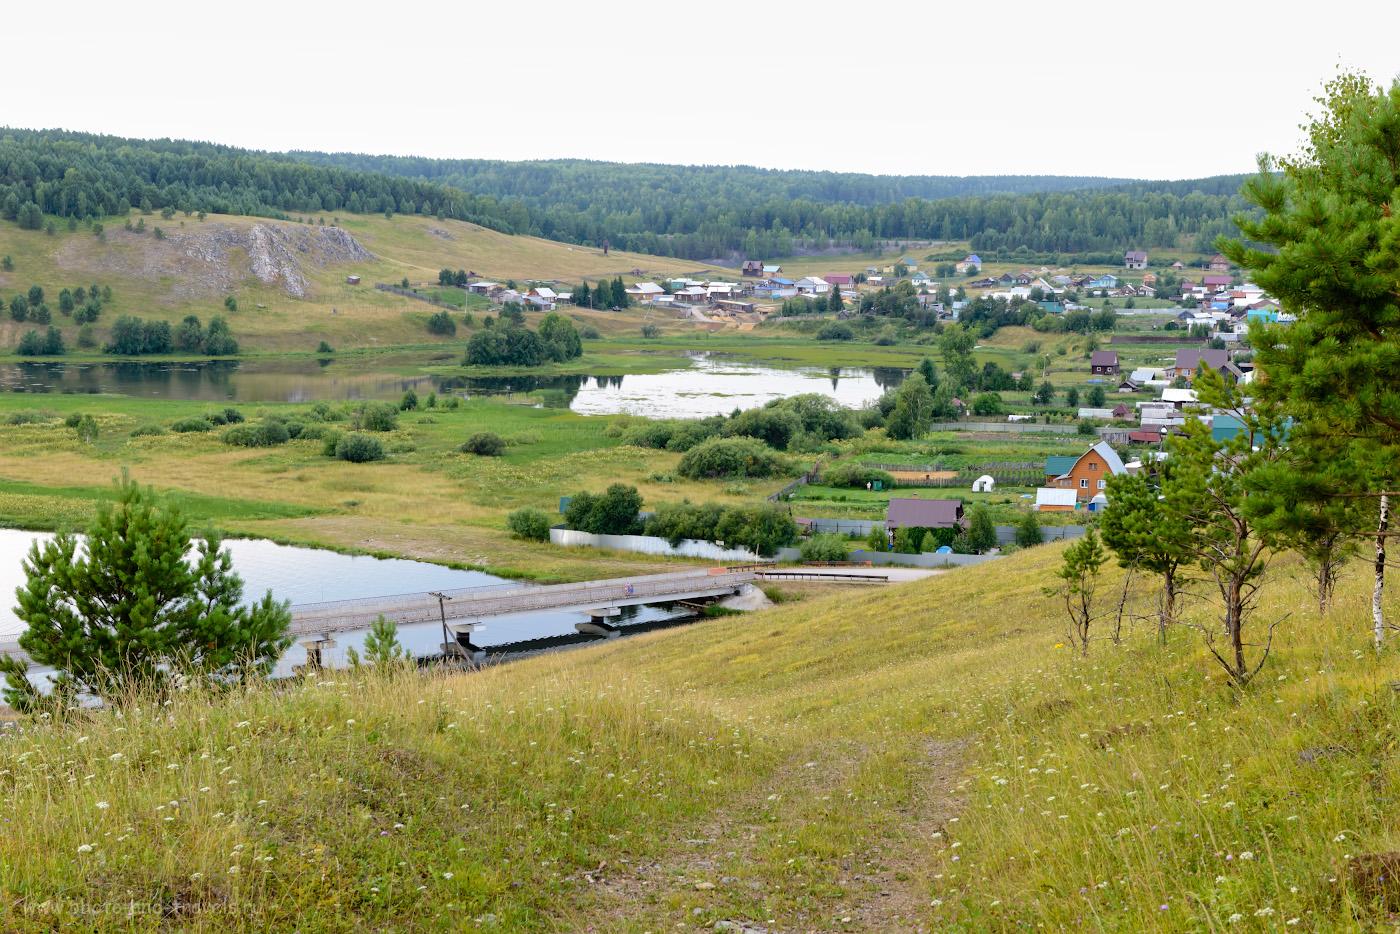 Фотография 3. Такая скала возвышается в северной стороне села Аракаево. 1/125, 8.0, 360, +0.33, 58.